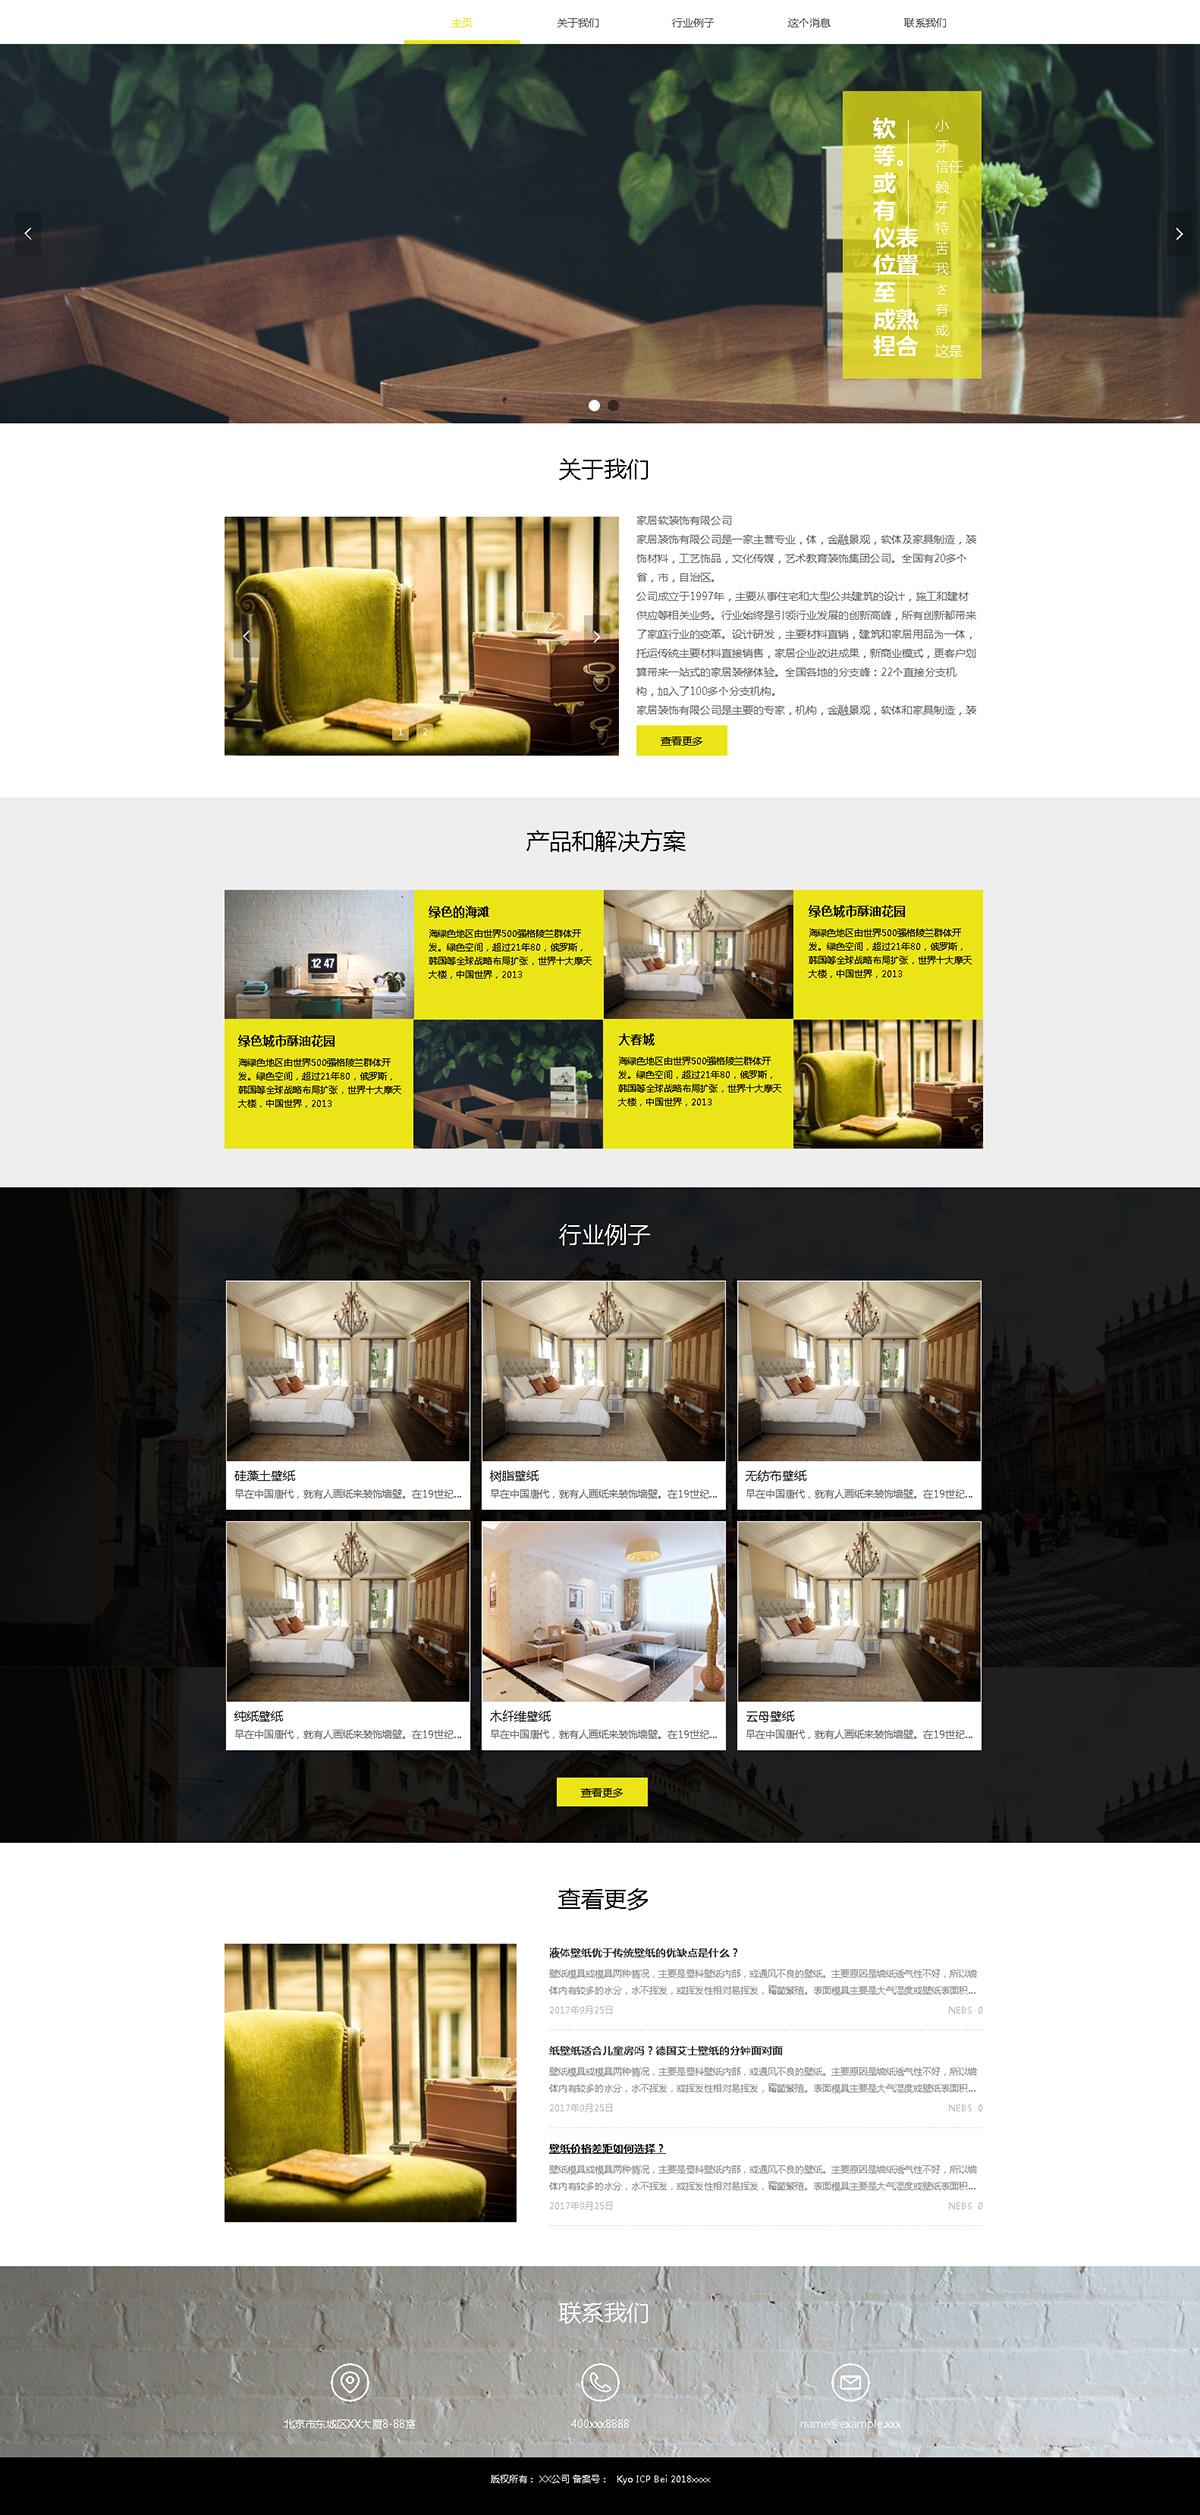 家居装饰网站制作案例效果图